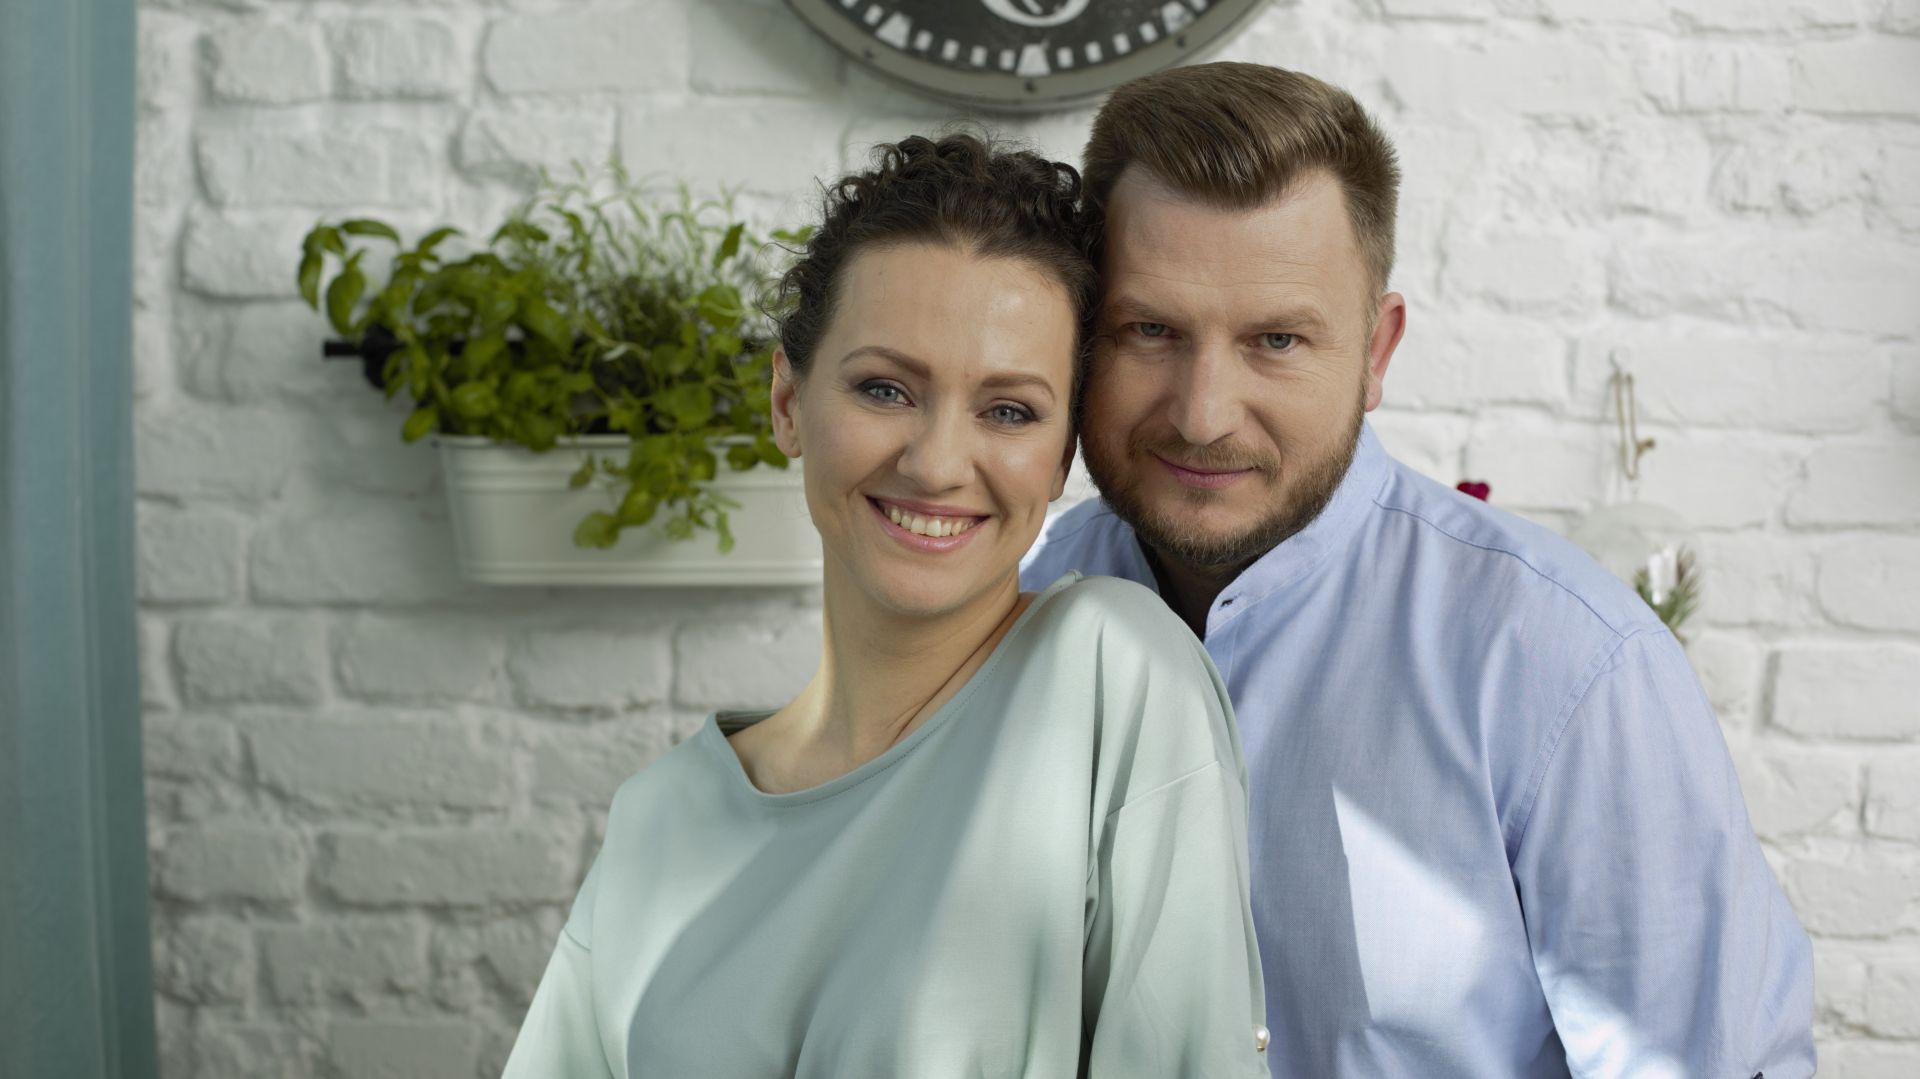 Wystąpienie gości specjalnych Mirelli i Marcina Kępczyńskich, prowadzących program Para w remont na antenie HGTV, będzie jedną z atrakcji podczas najbliższego Studia Dobrych Rozwiązań w Warszawie.